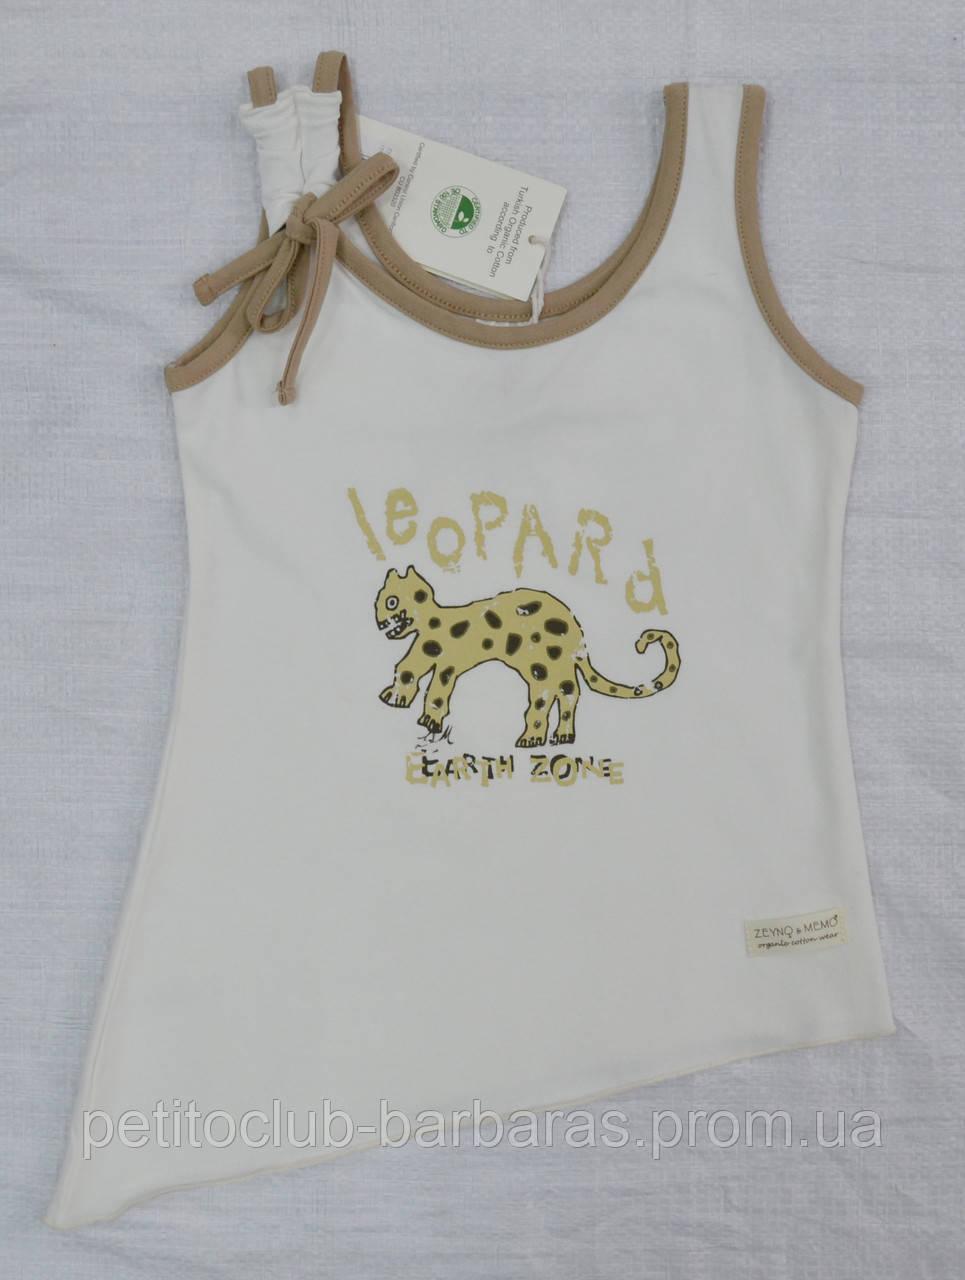 Детская летняя майка Leopard крем из органического хлопка (Z&M, Турция)